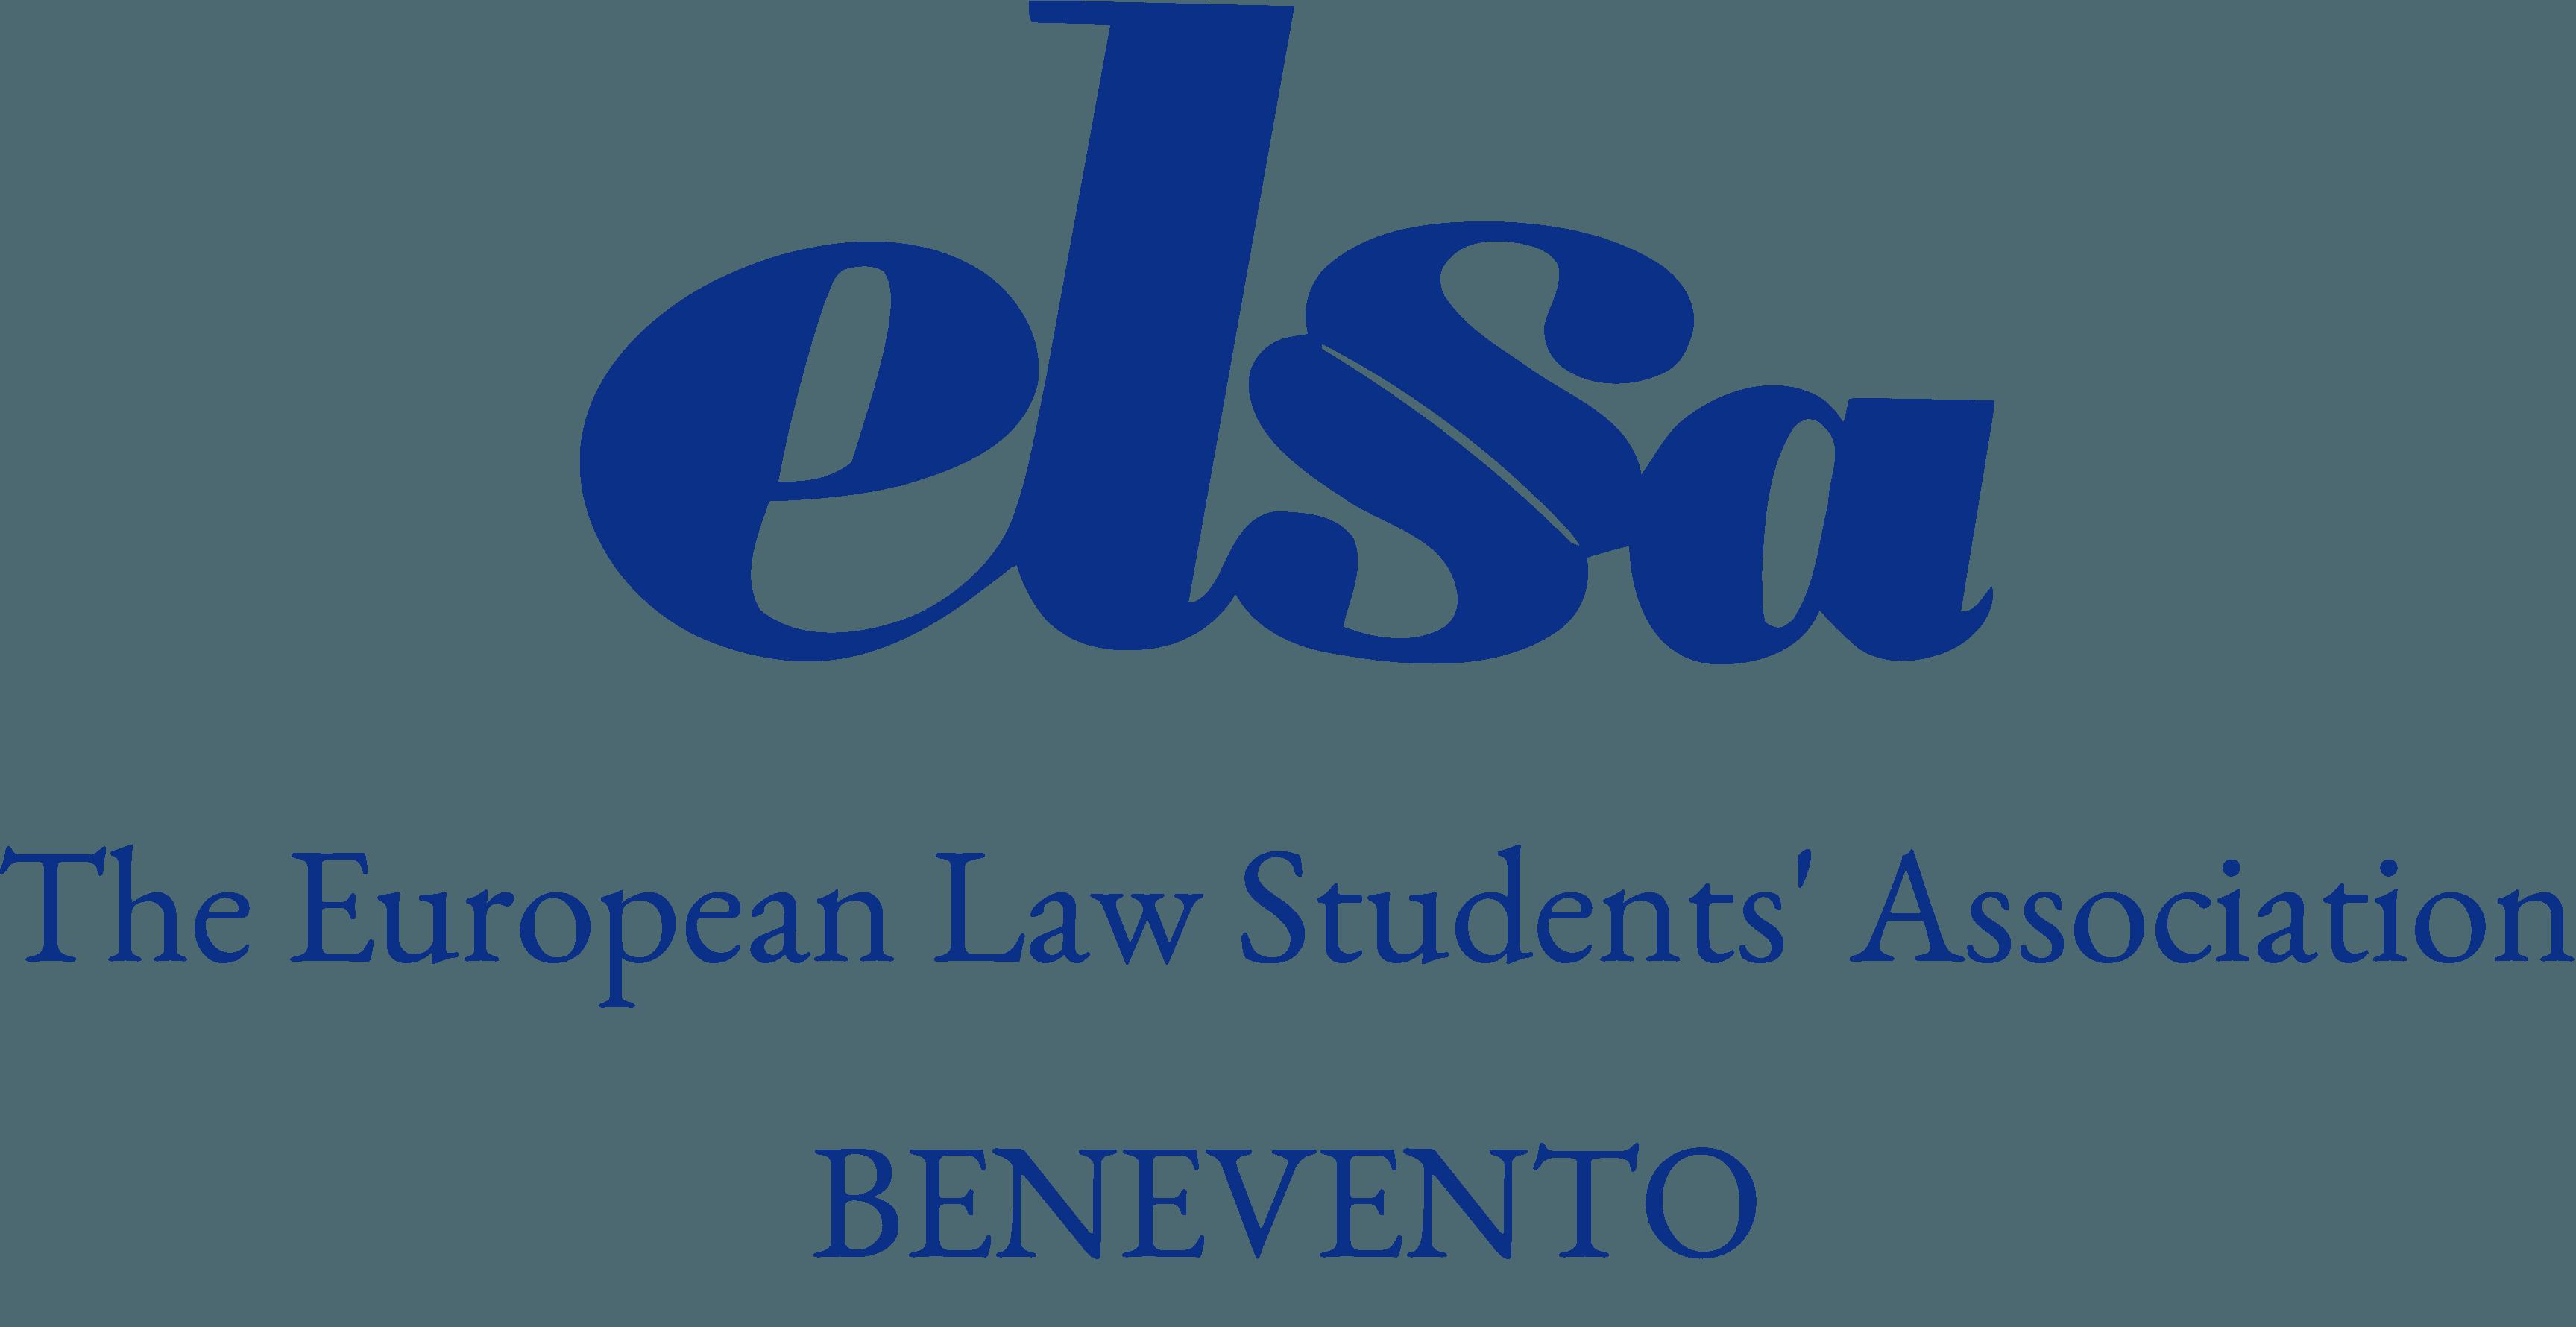 ELSA Benevento